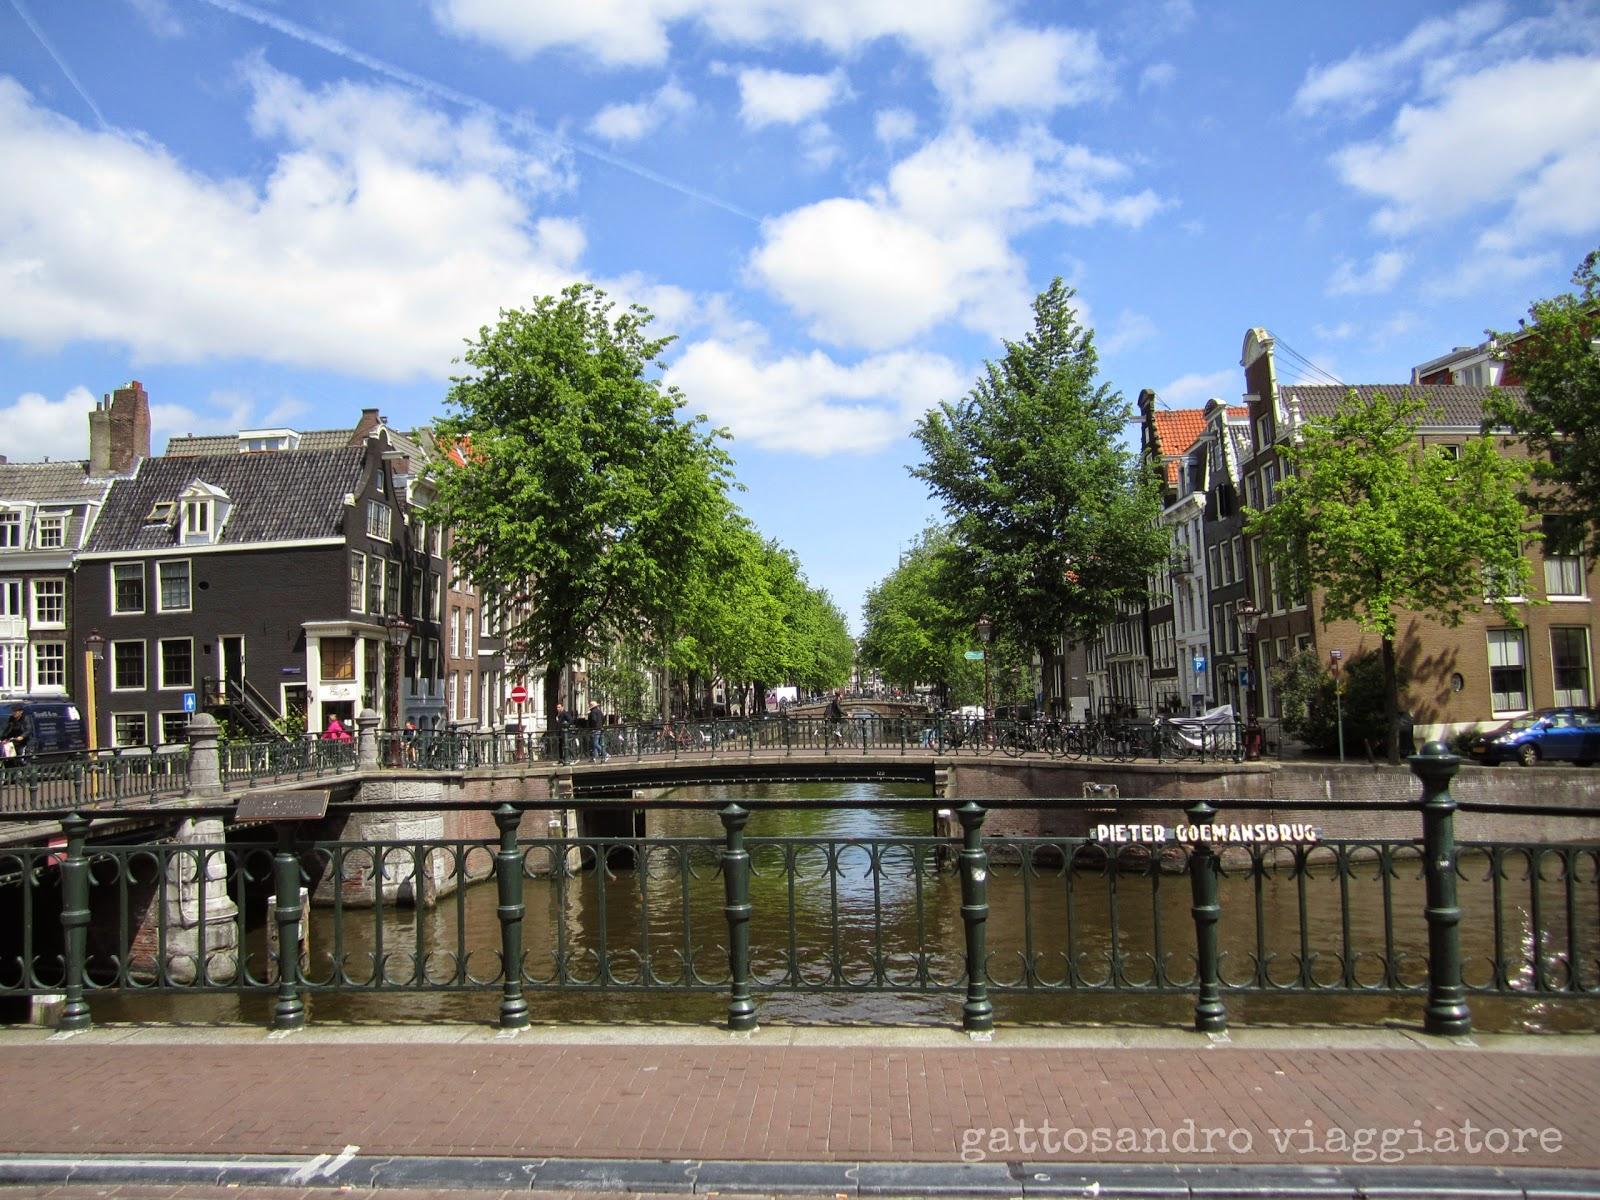 Leidsegracht/Prinsengracht